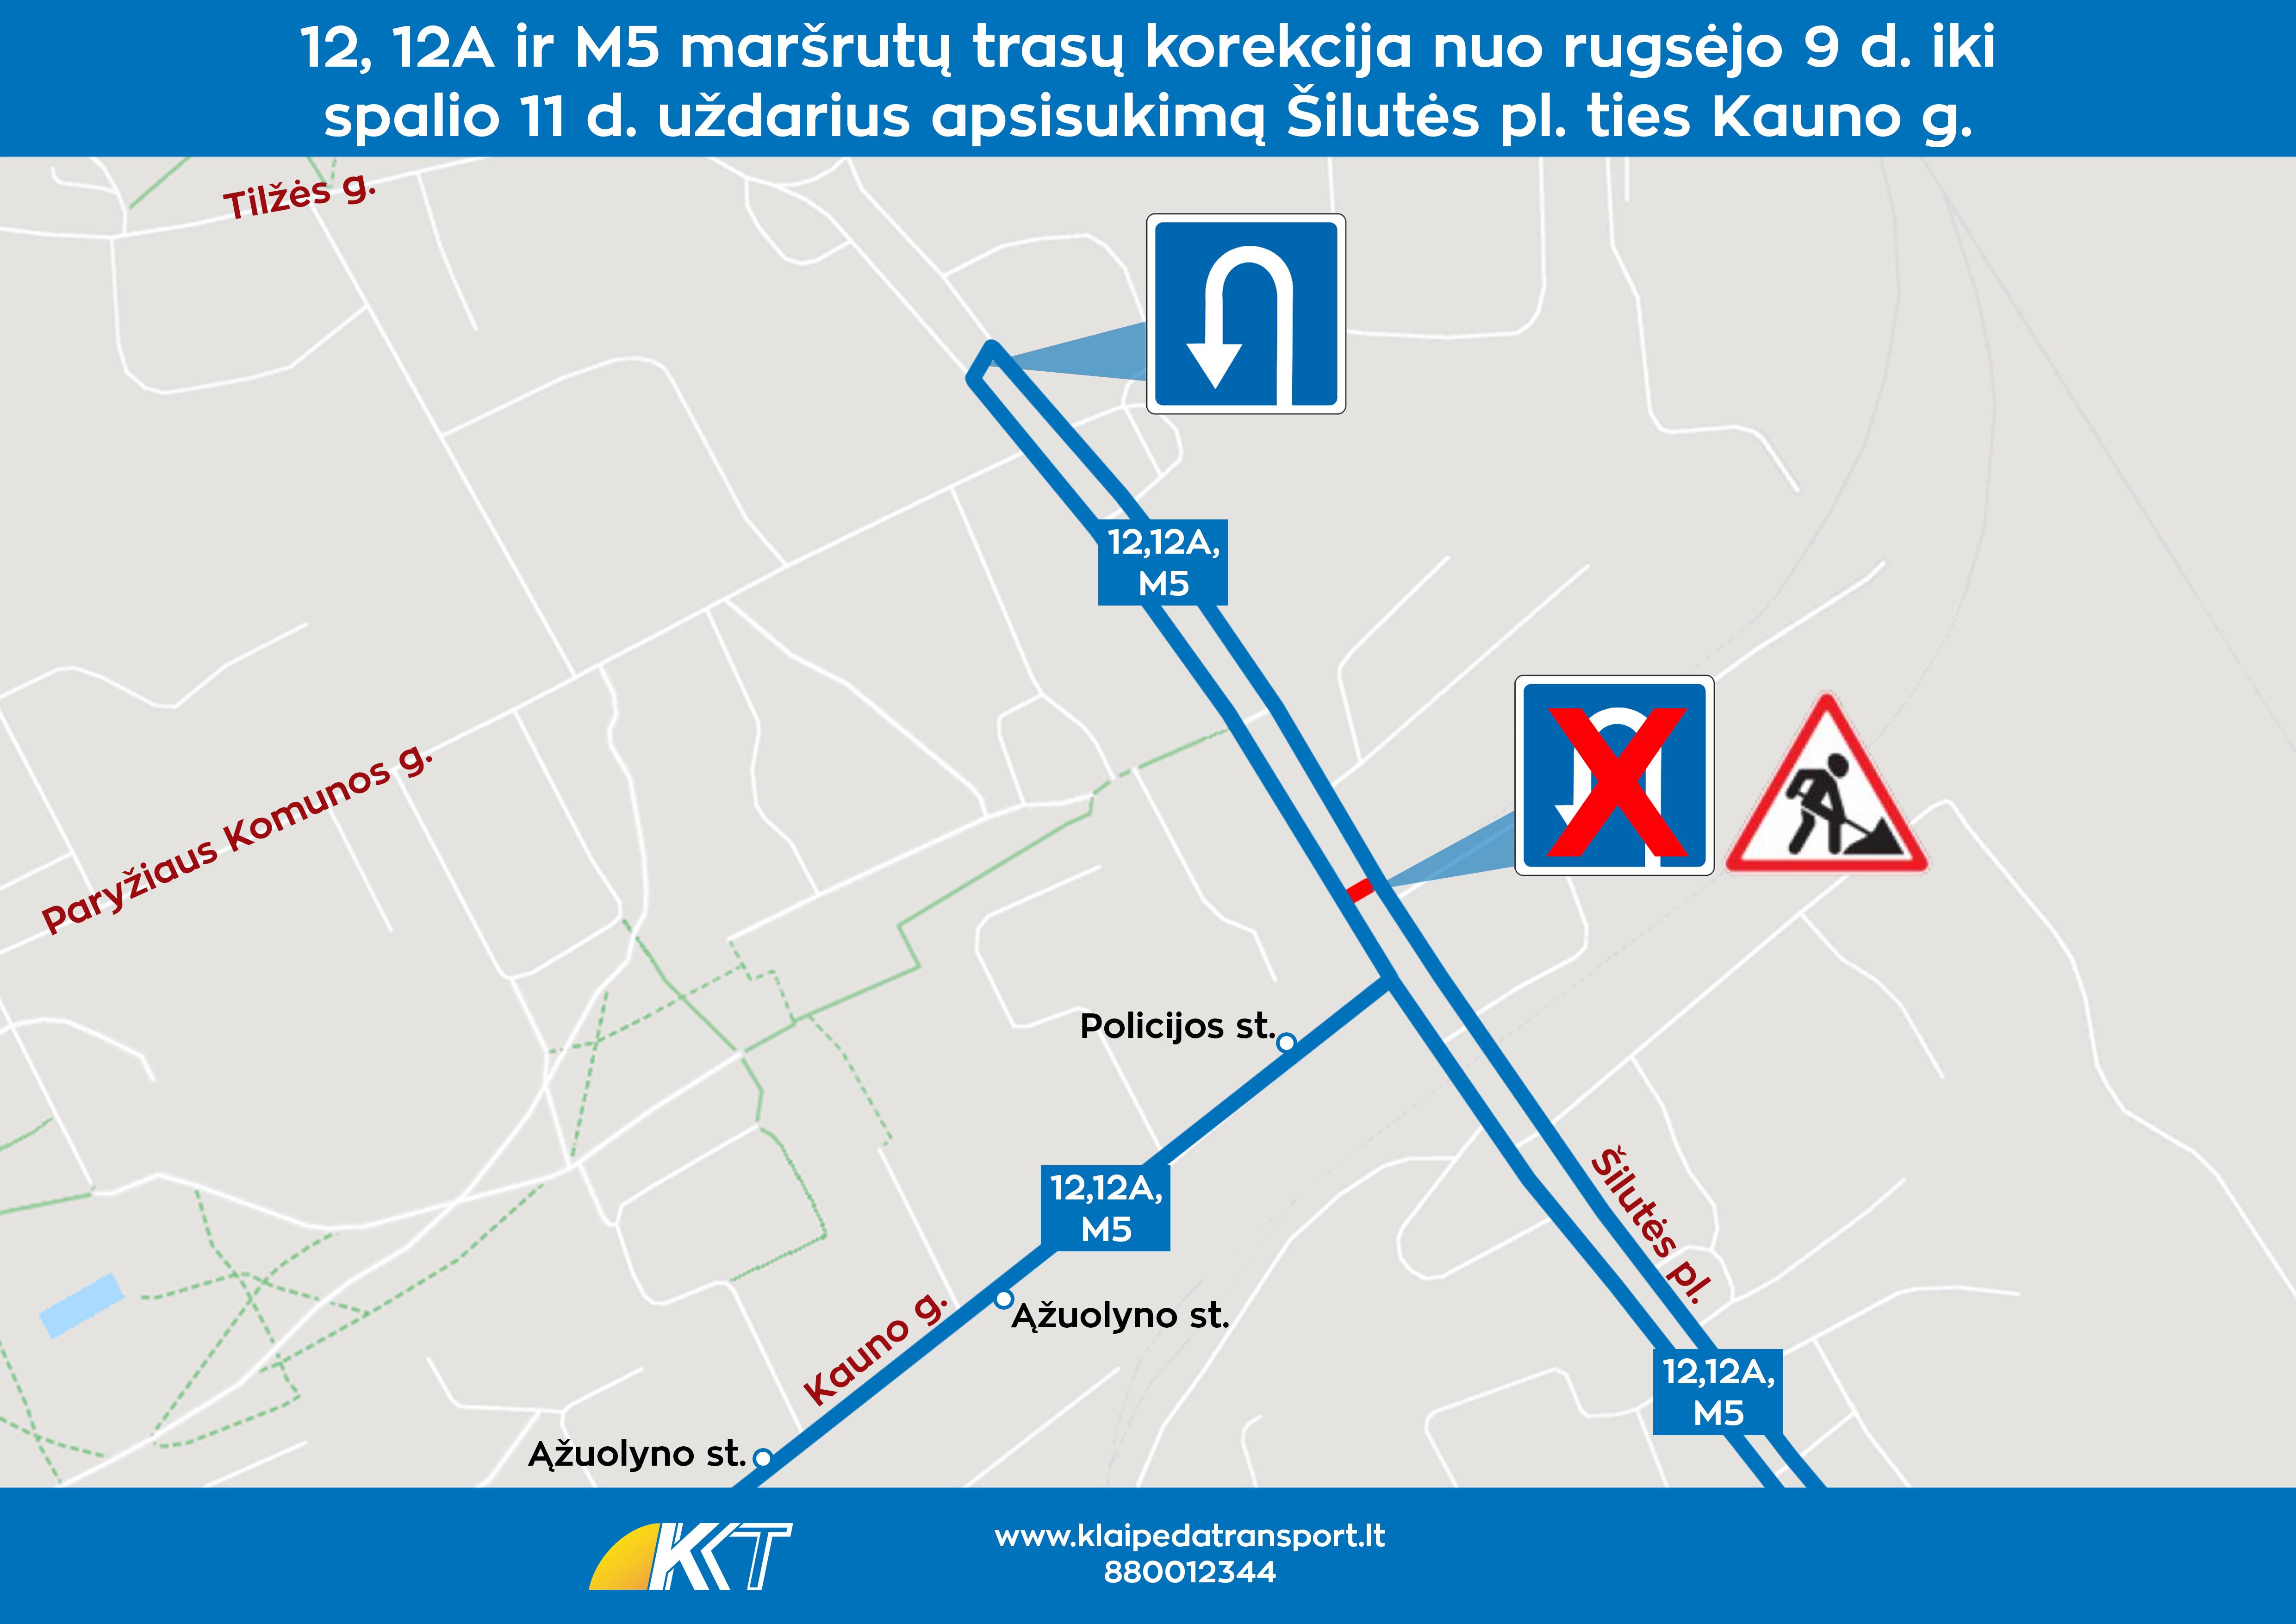 12, 12A ir M5 maršrutai. Šilutės pl. ties Kauno gatve apsisukimo uždarymas